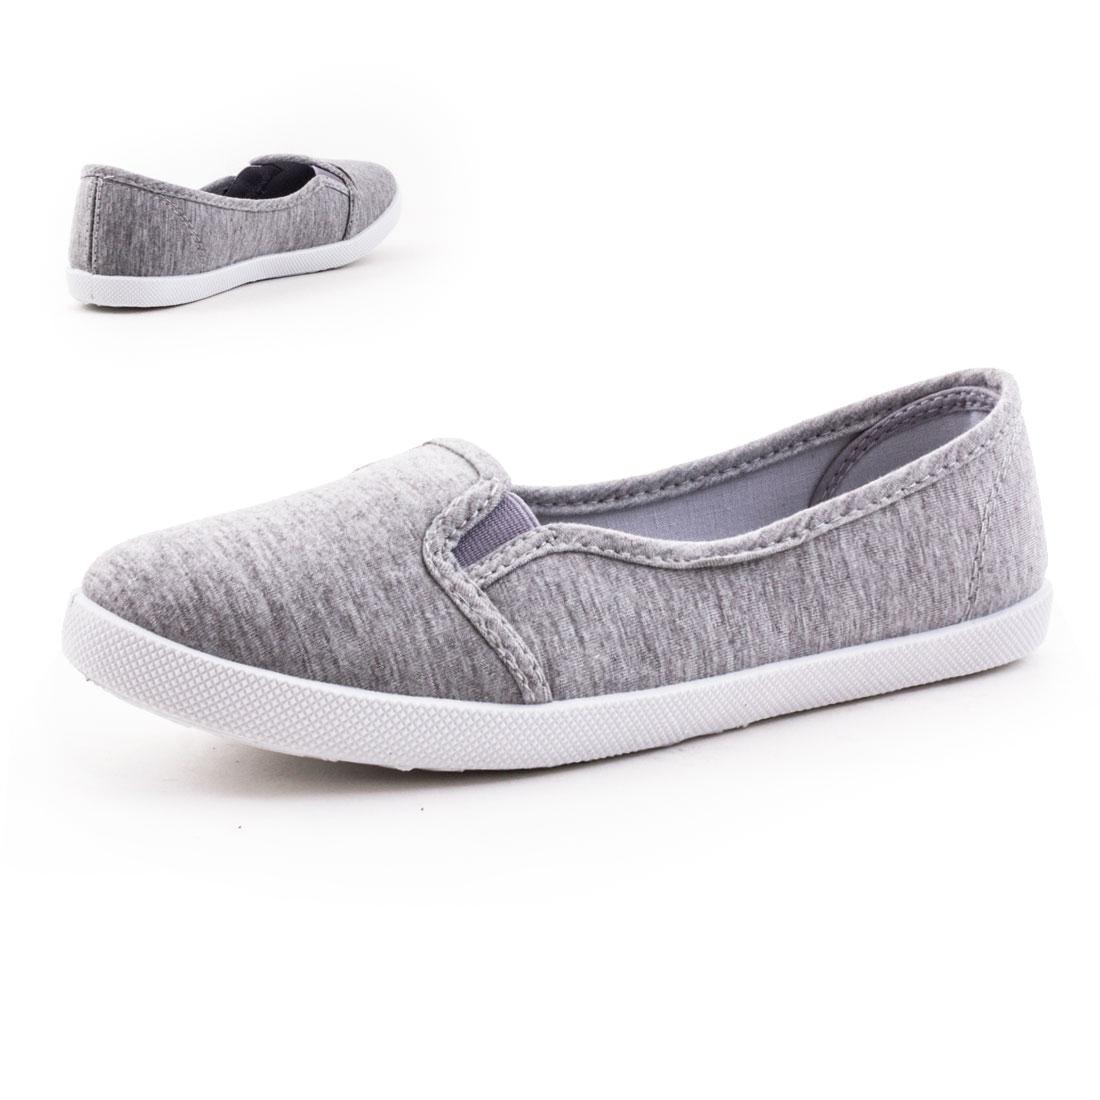 neu damen sneaker sommer ballerinas slipper schuhe gr 36 37 38 39 40 41 ebay. Black Bedroom Furniture Sets. Home Design Ideas